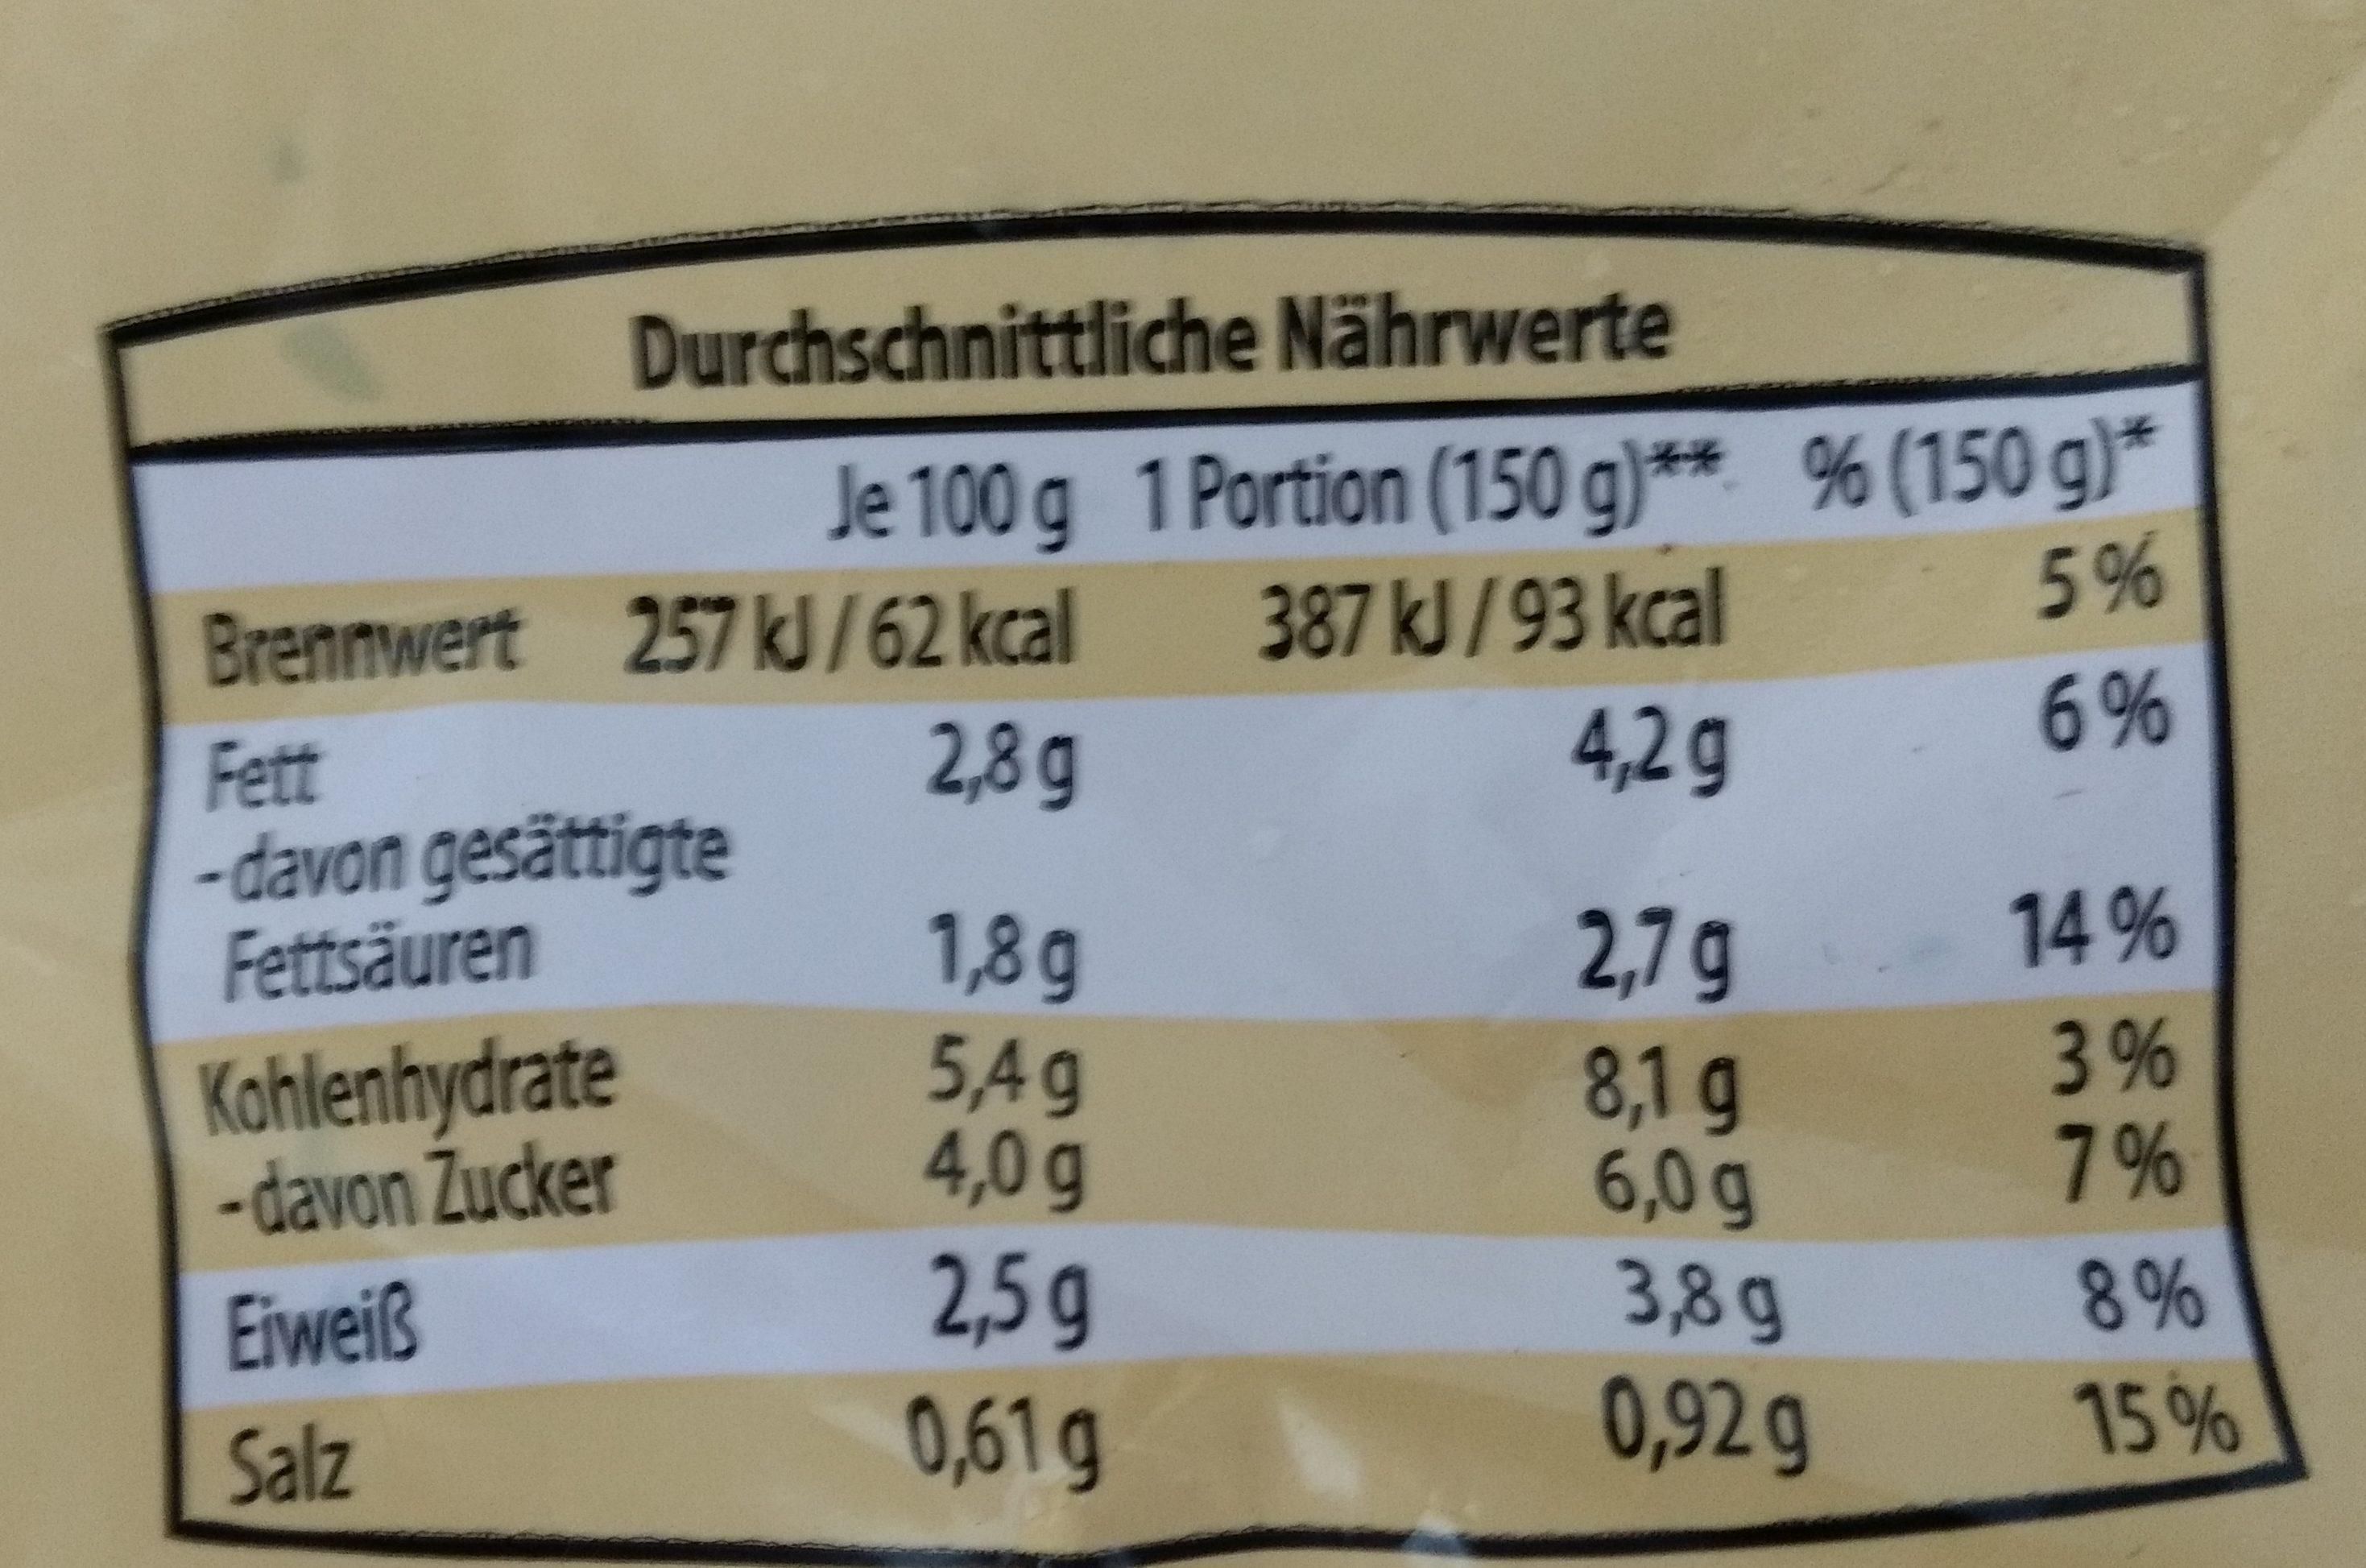 Feinschmecker art pfannengemüse - Nutrition facts - de